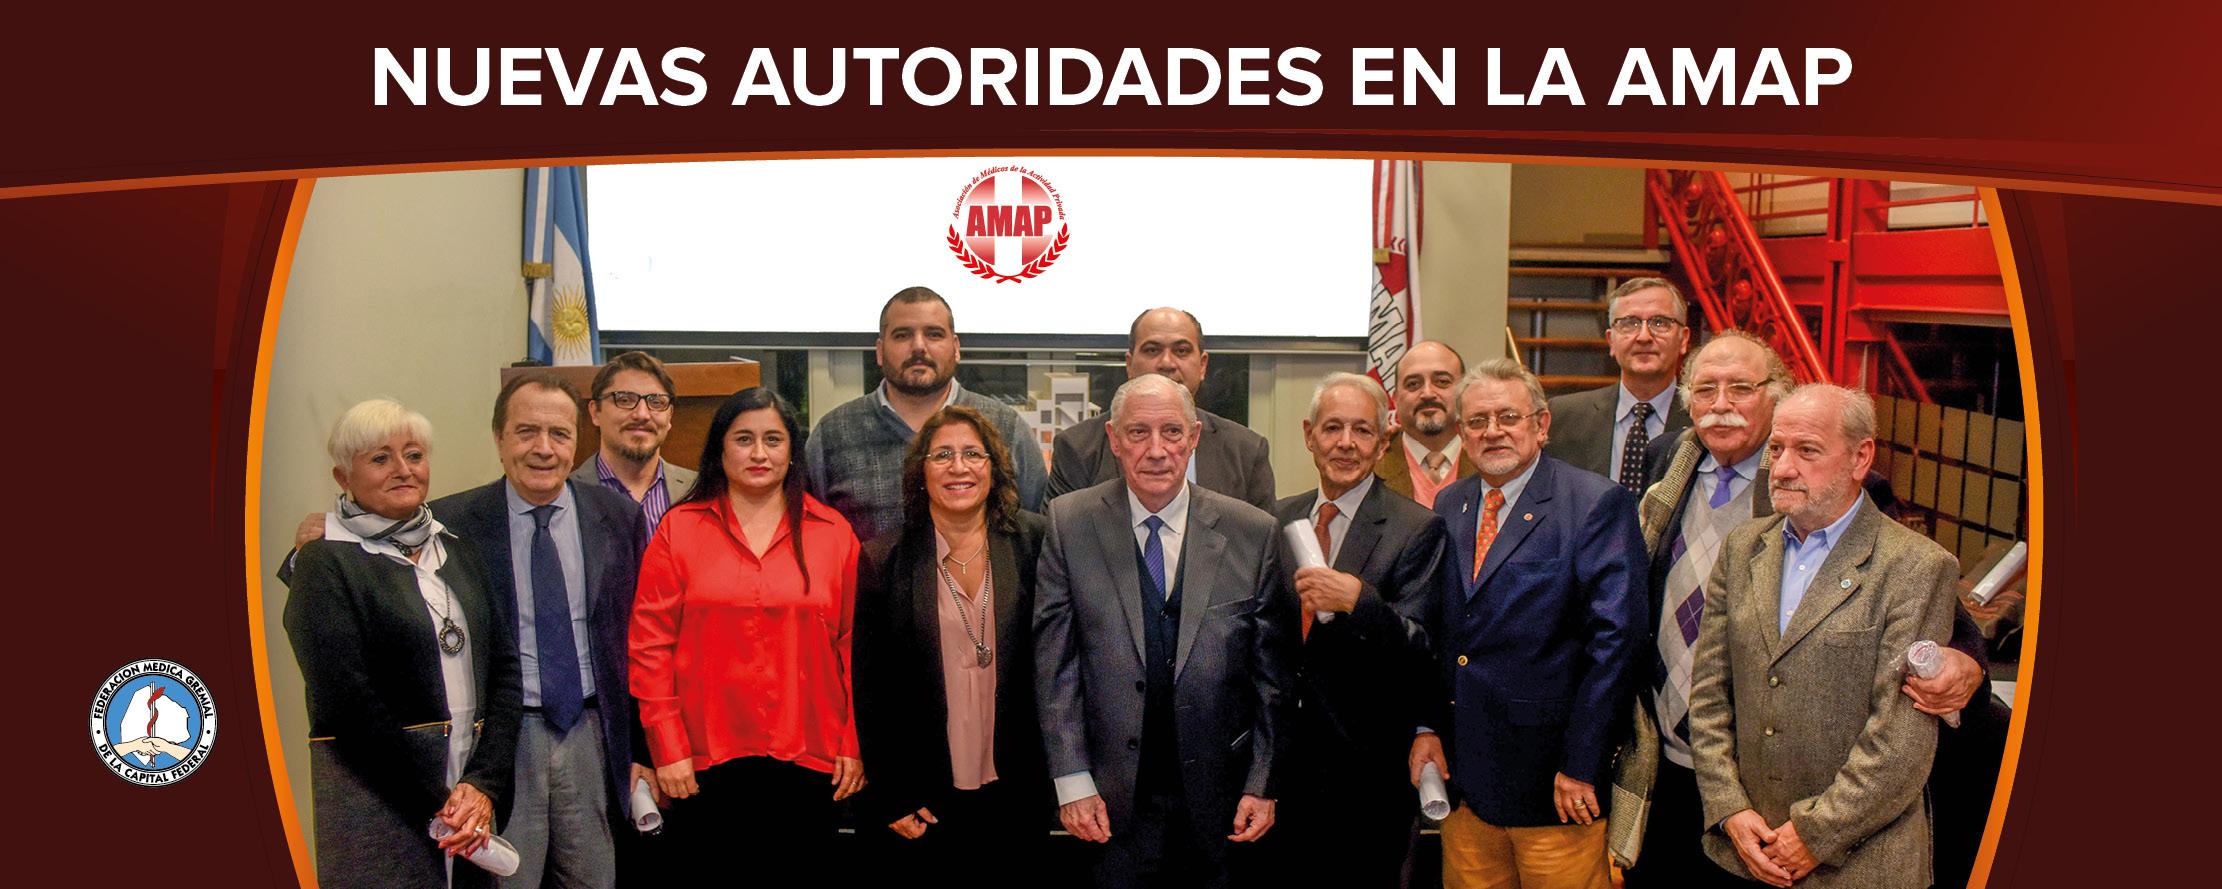 Asumió la nueva Comisión Directiva de la AMAP